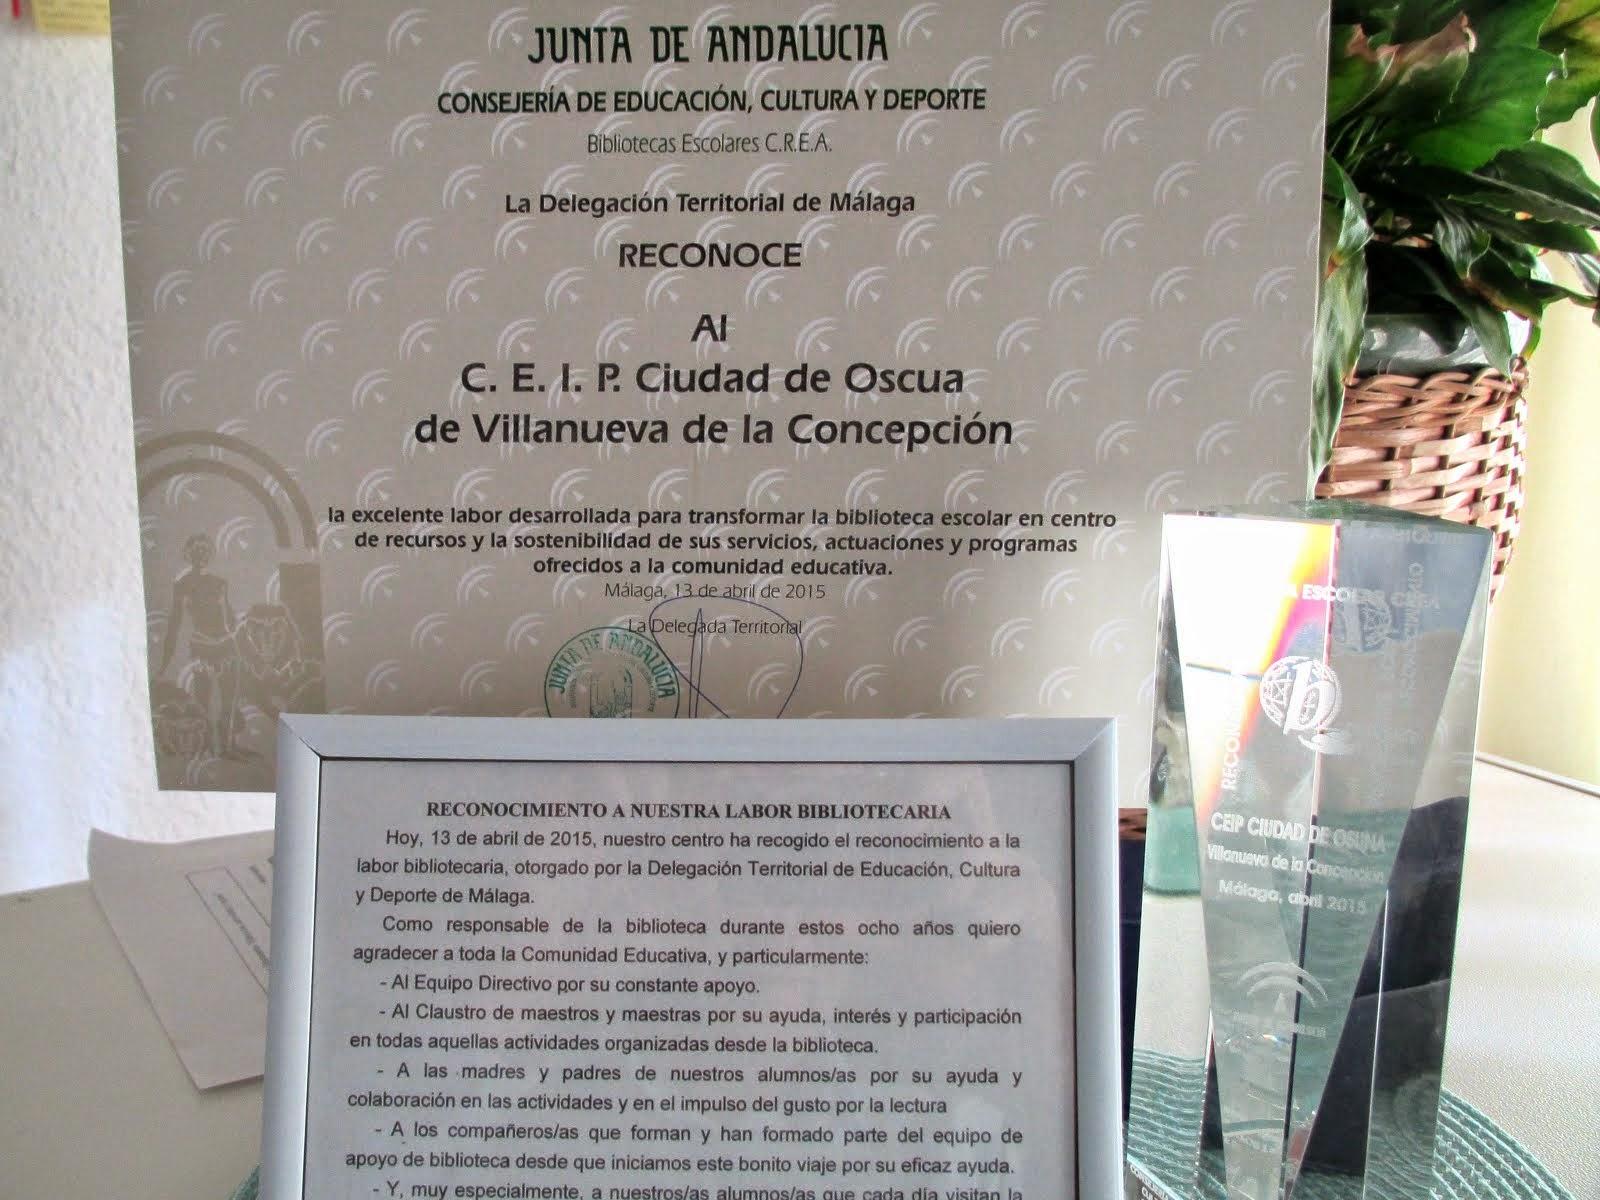 RECONOCIMIENTO DE LA JUNTA DE ANDALUCÍA A NUESTRA LABOR BIBLIOTECARIA